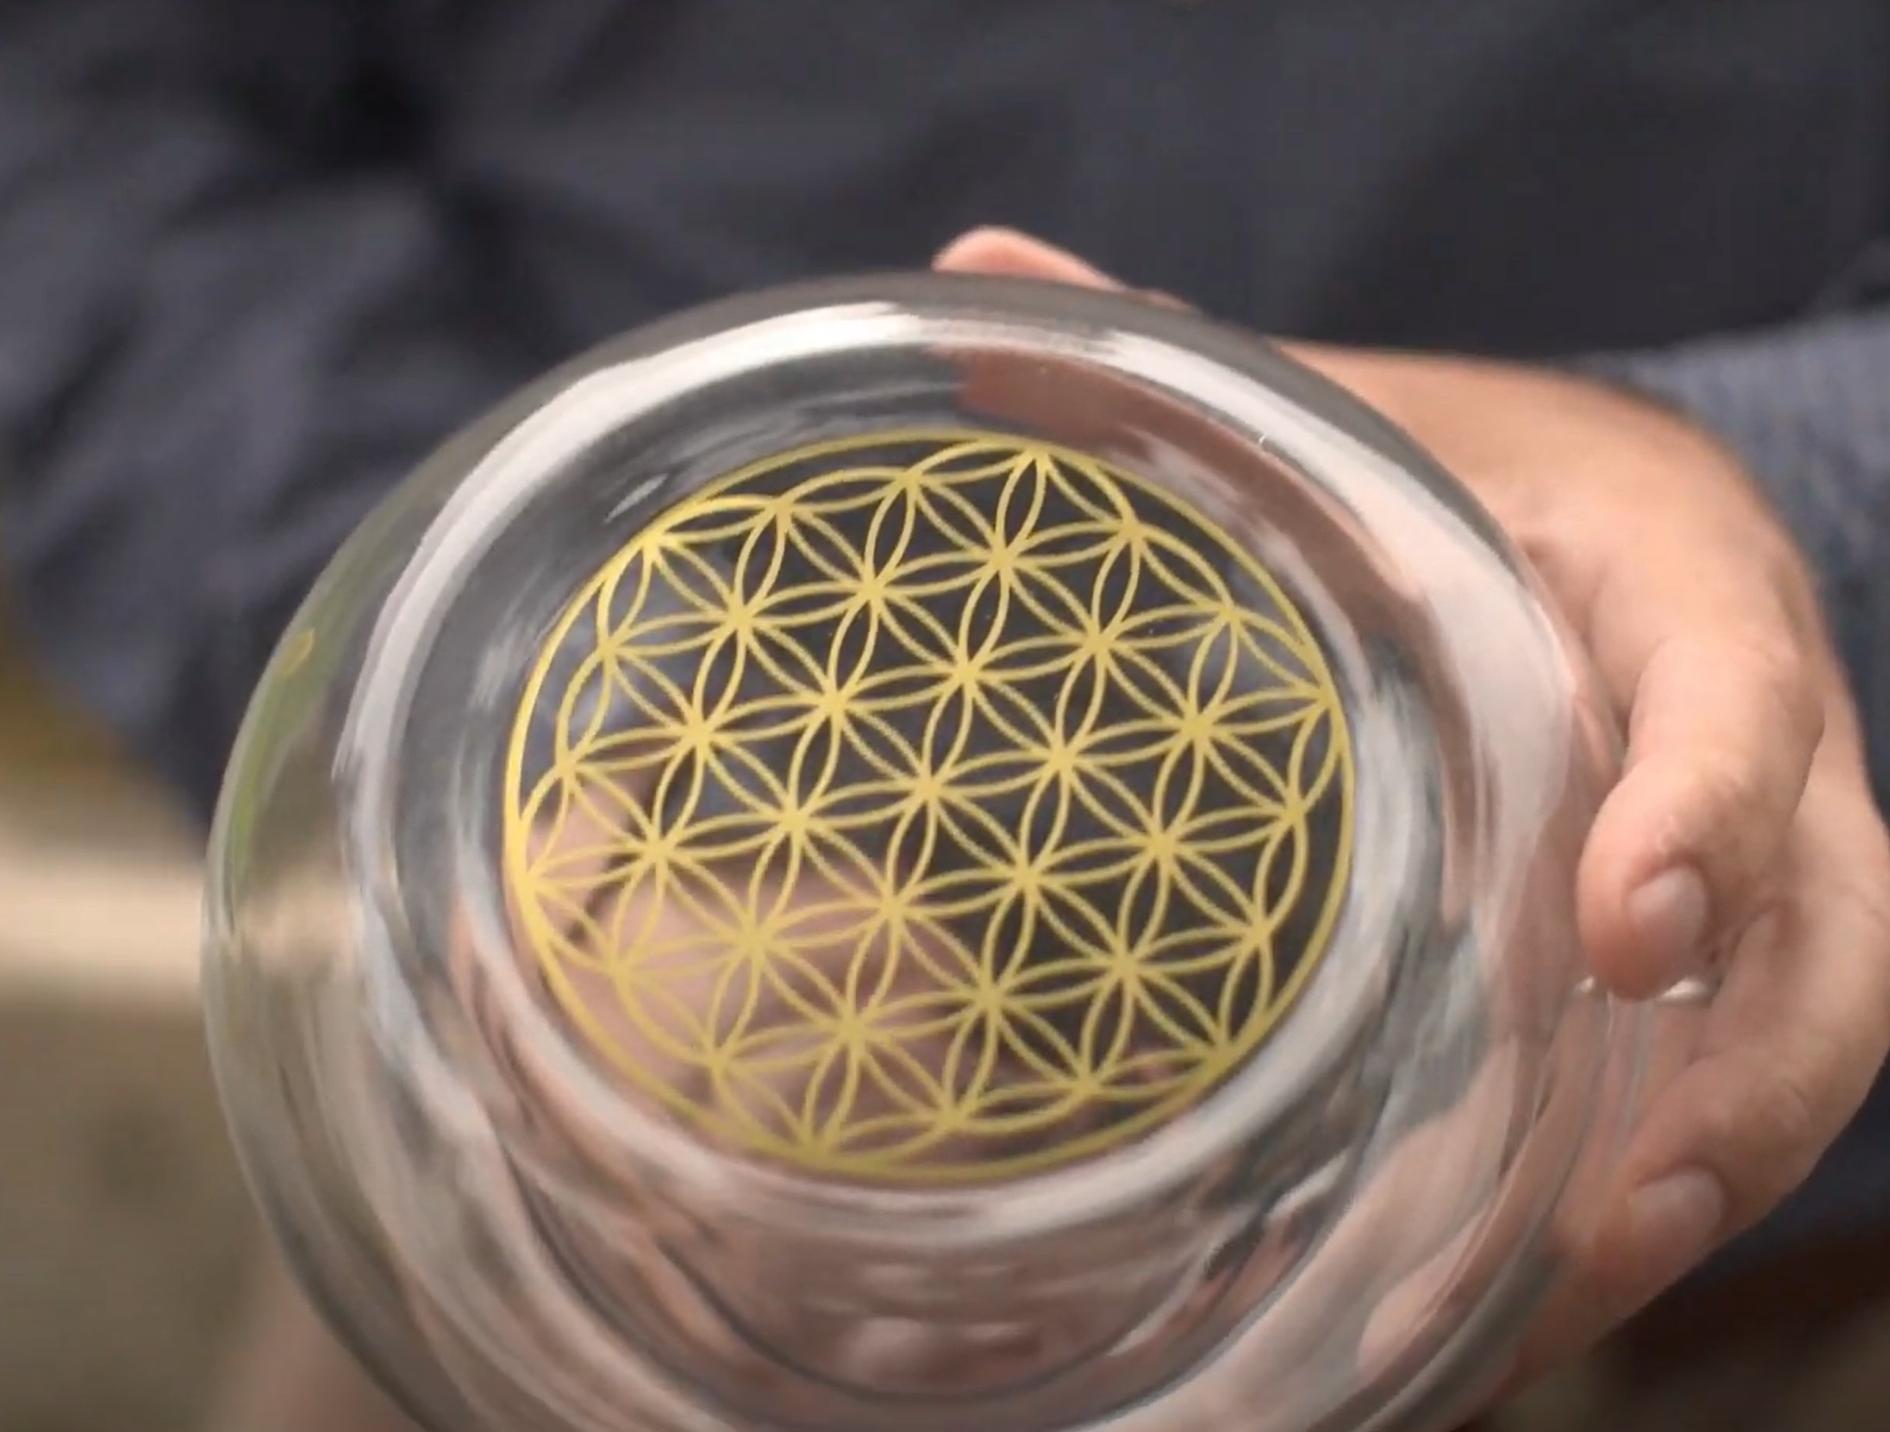 La fleur de vie Or de la carafe en verre Alladin